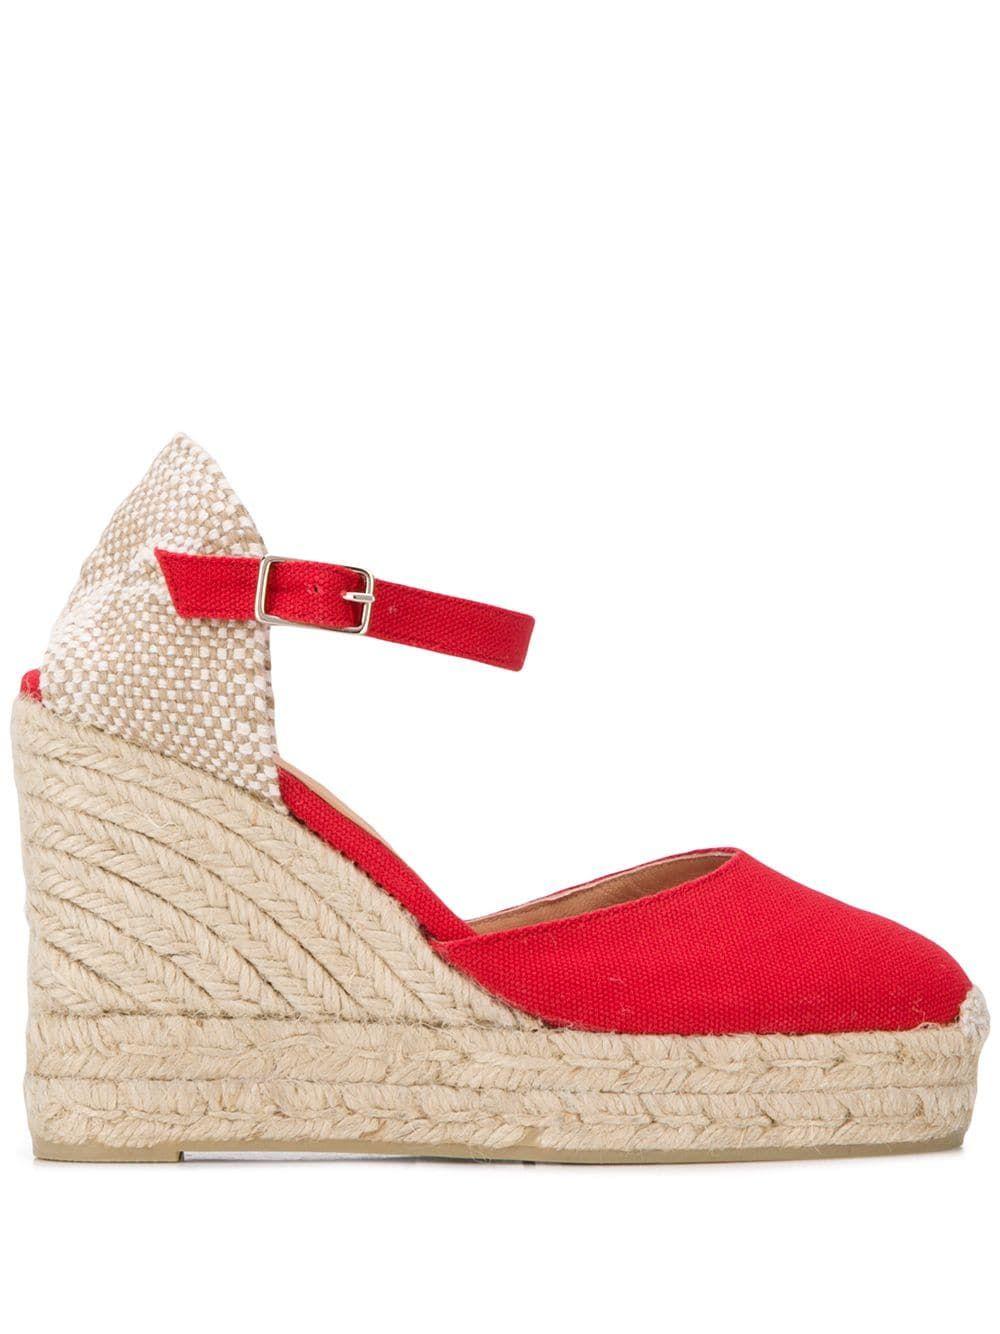 eae13ef0d59 Castañer Carol espadrilles - Red | Products in 2019 | Espadrilles ...